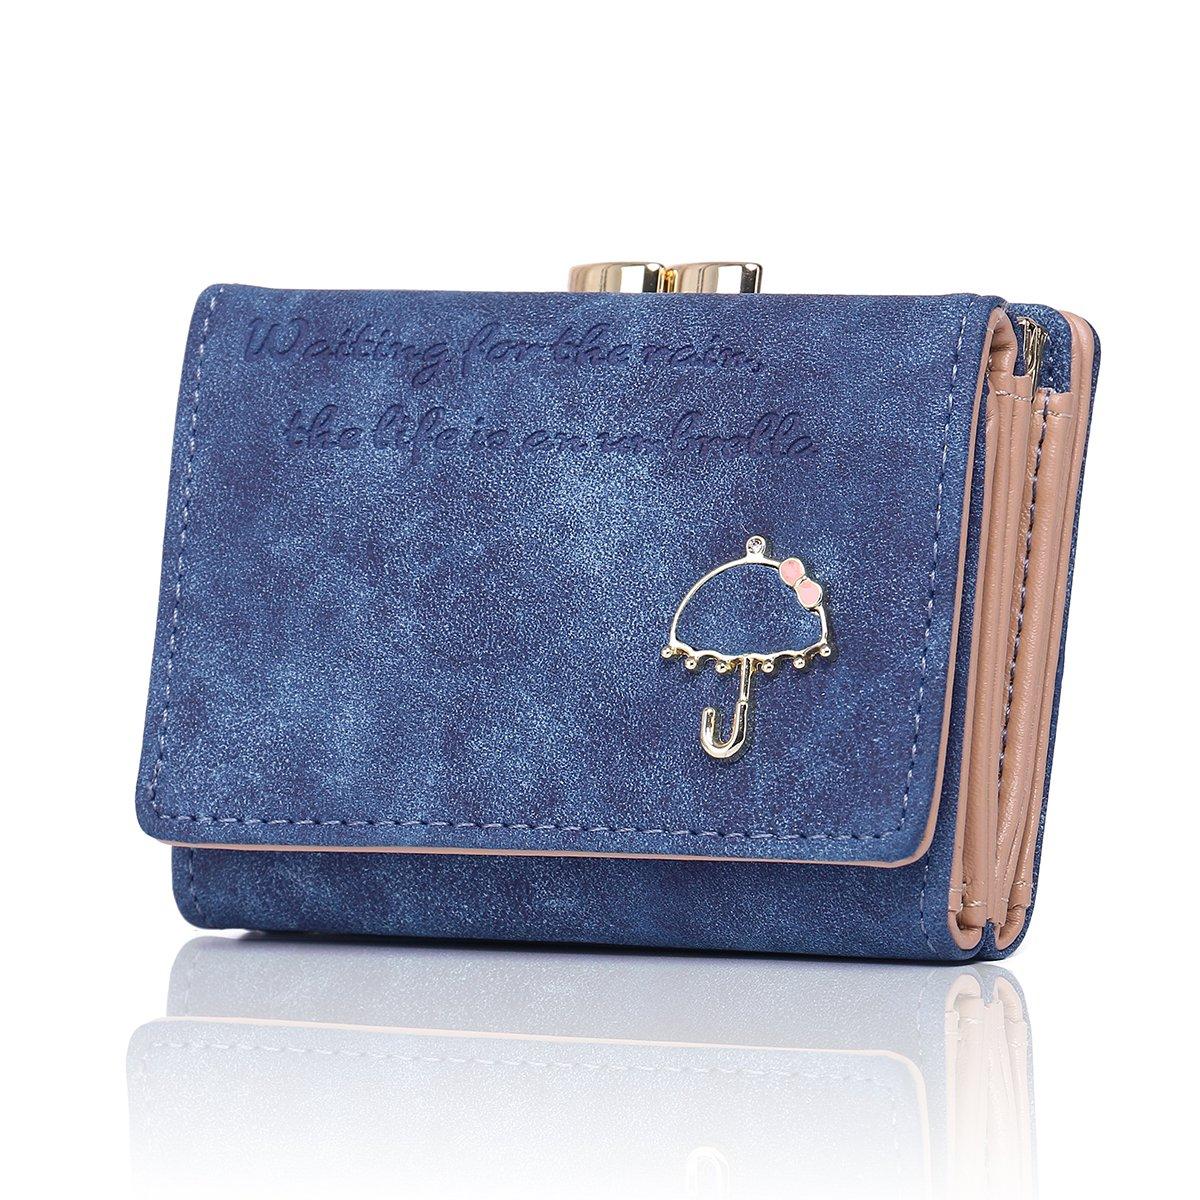 APHISONUK Damen Geldbörse aus Nubukleder Kartenhalter süß kleine geldbeutel für Lady Kiss Lock Geschlossene / Geschenk für Mädchen (Geschenkbox) 330PQJ13Blue